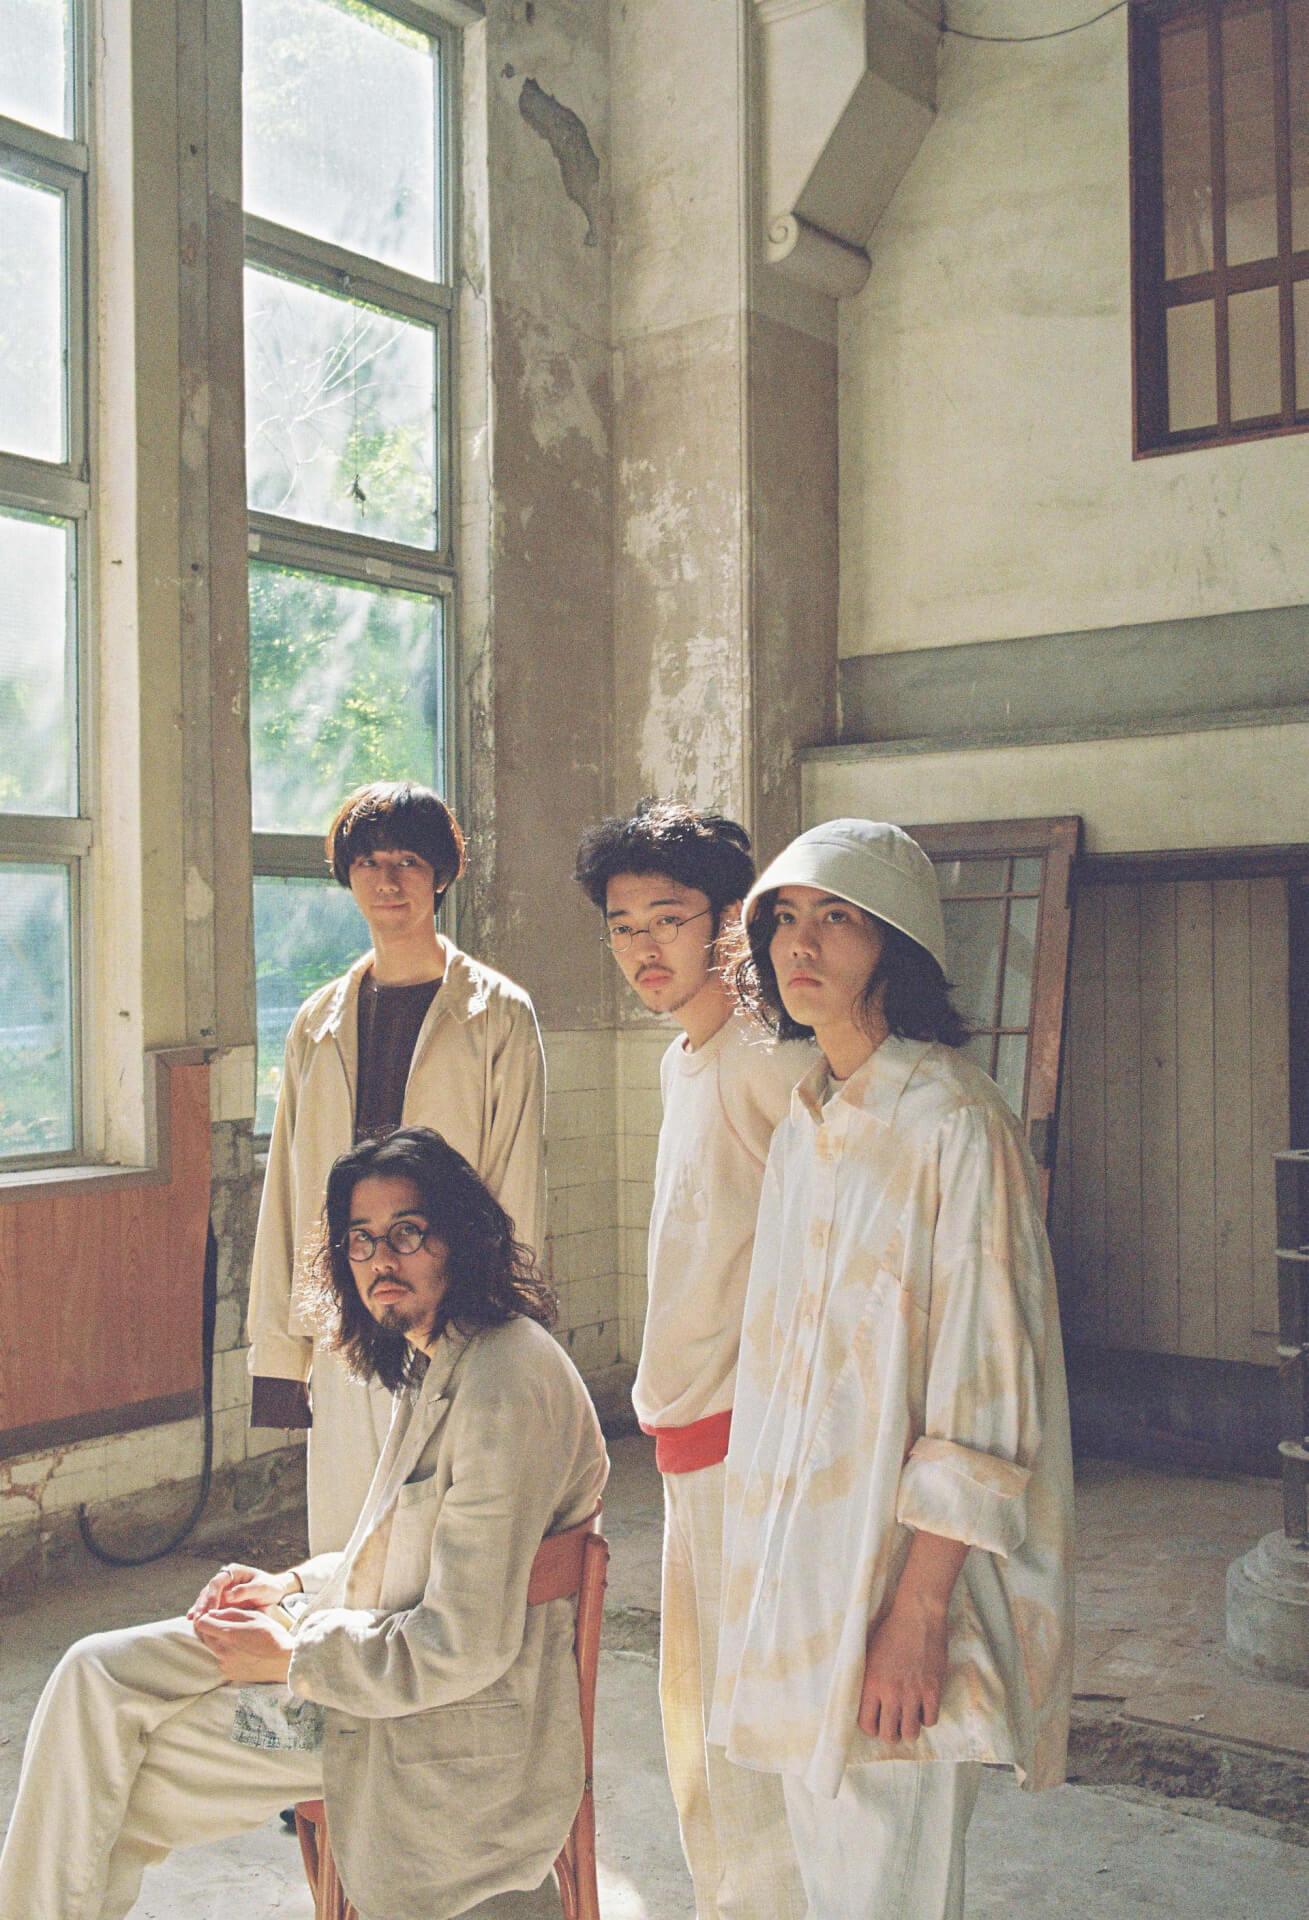 ライター・黒田隆憲が<フジロック '21>初登場組の注目10アーティストを紹介! column210802_fujirock-debut-09